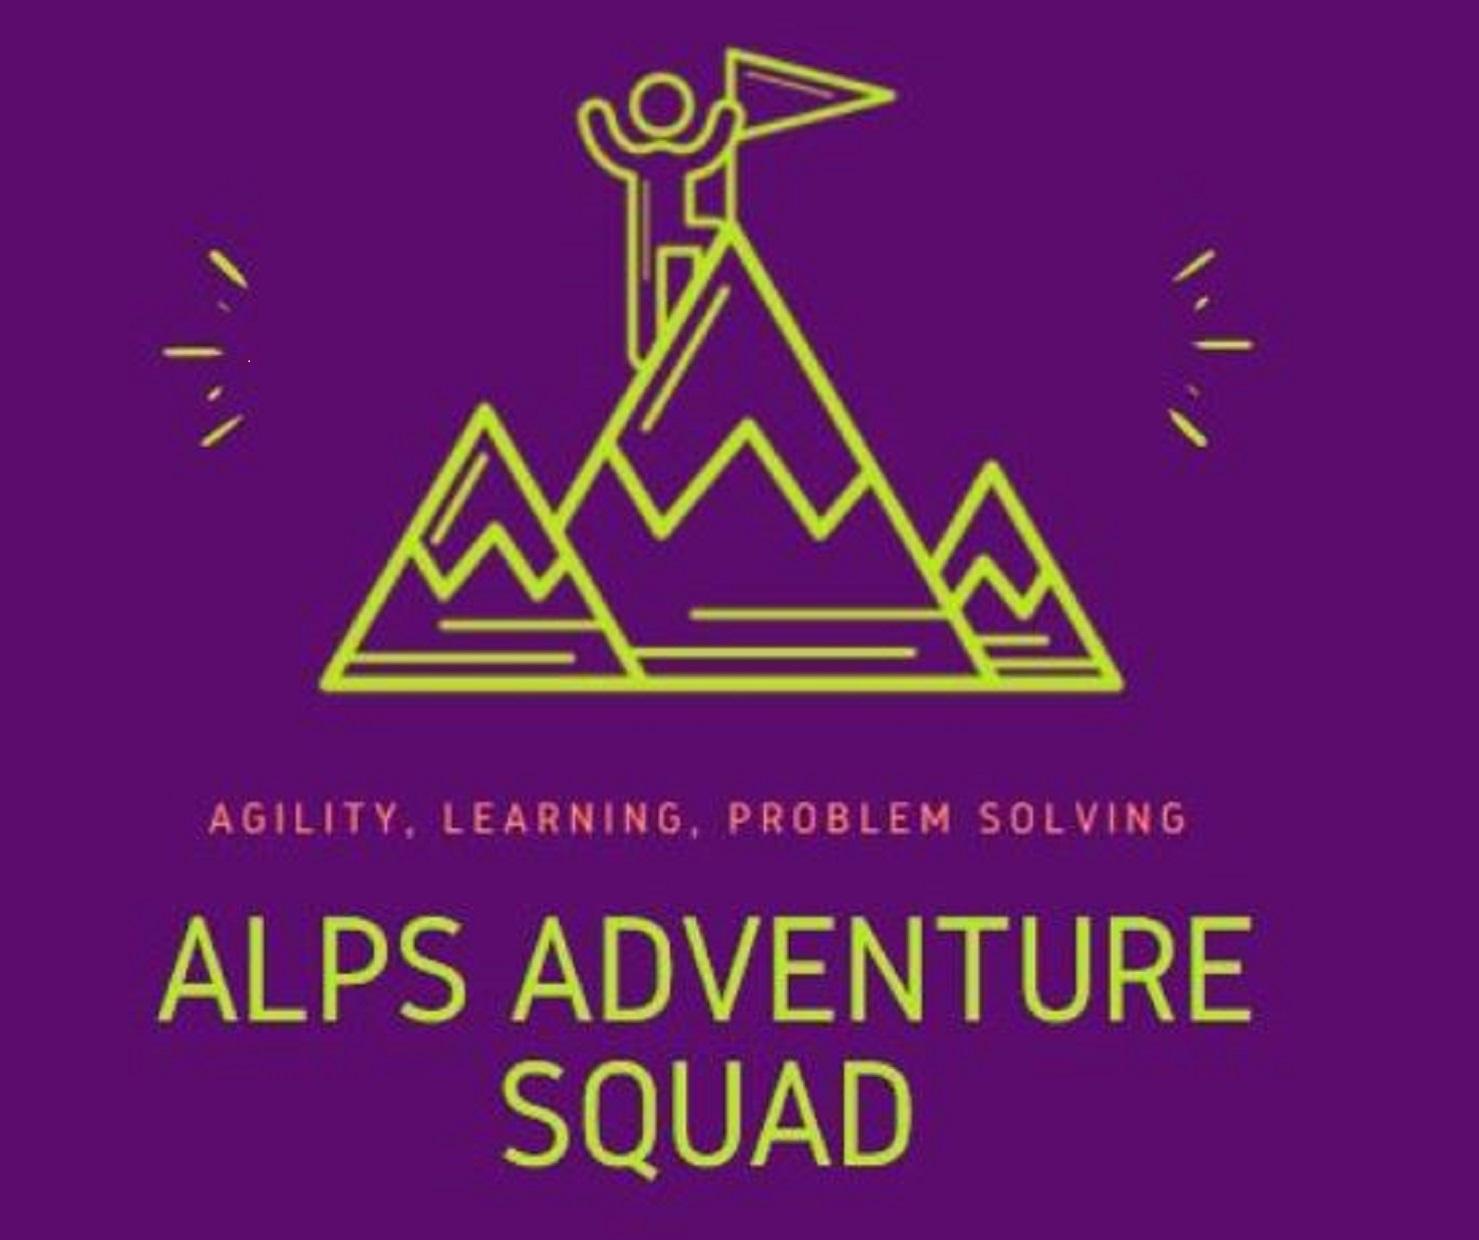 ALPS Adventure Squad